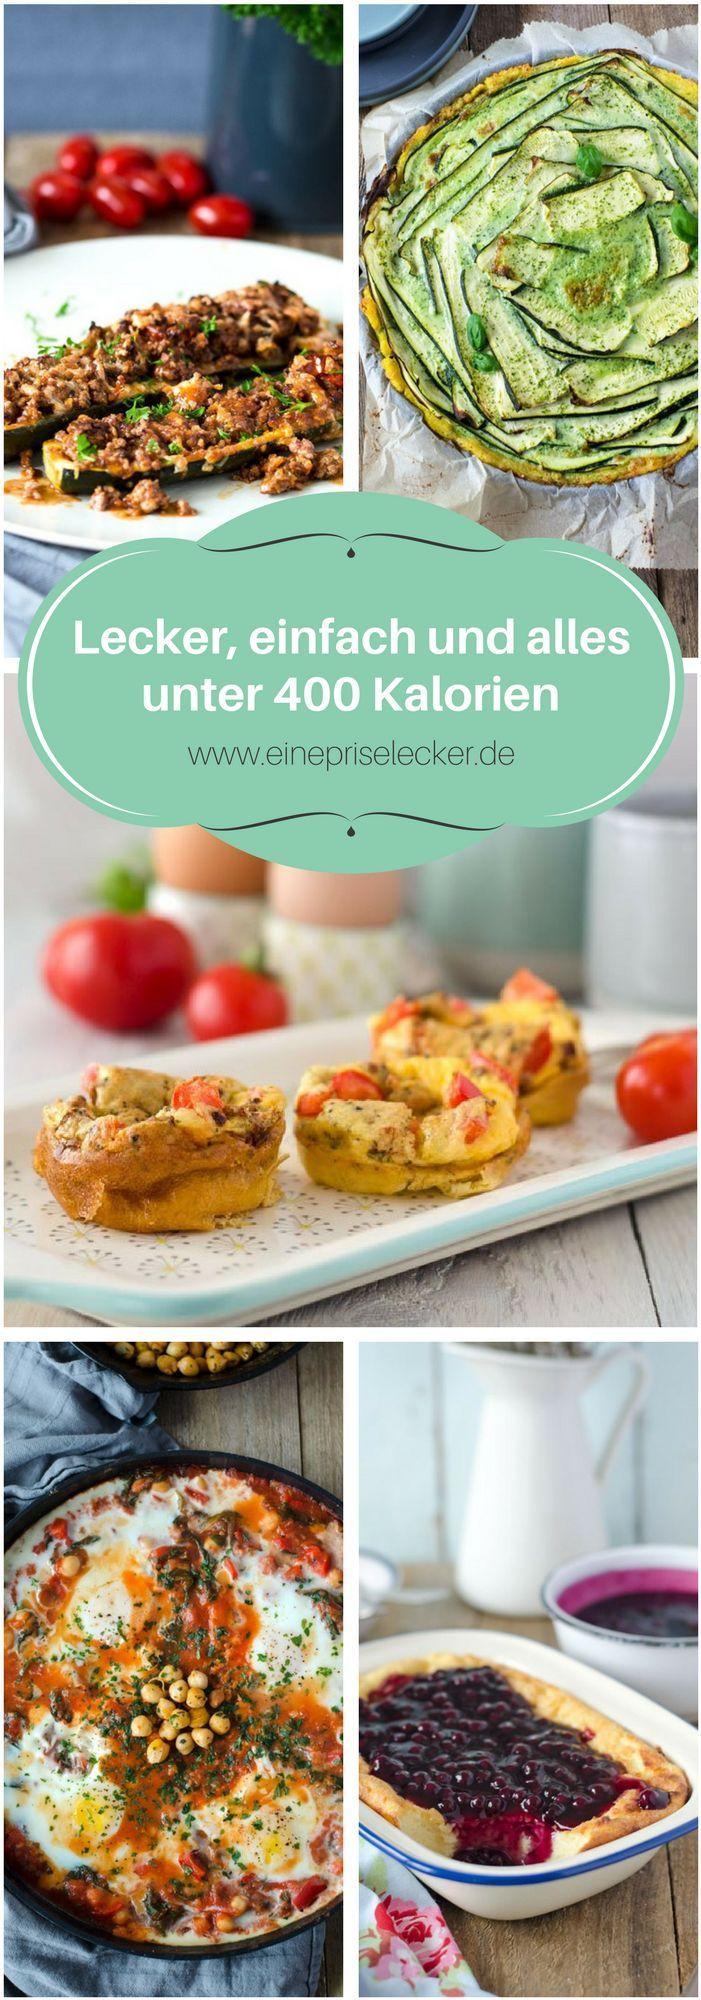 272 besten low calorie recipes Bilder auf Pinterest | Badezimmer ...